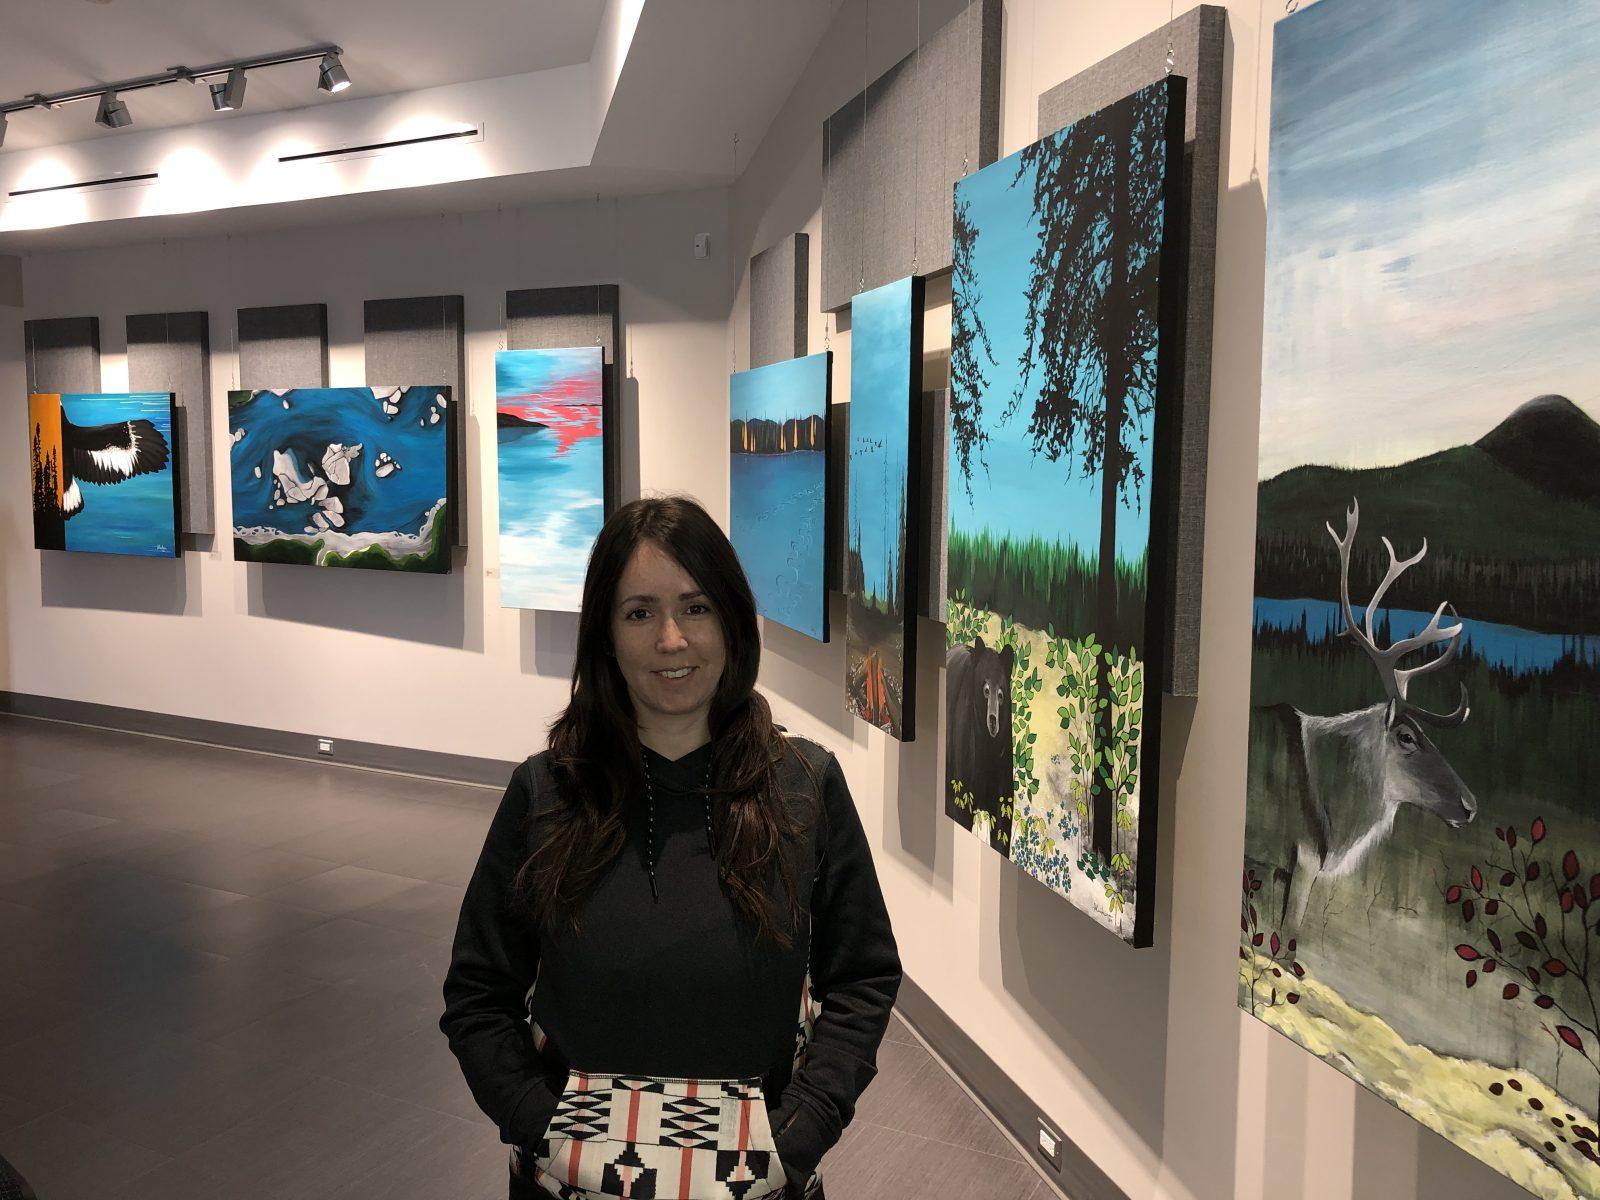 Sophie Kurtness propose des œuvres personnelles et inspirées